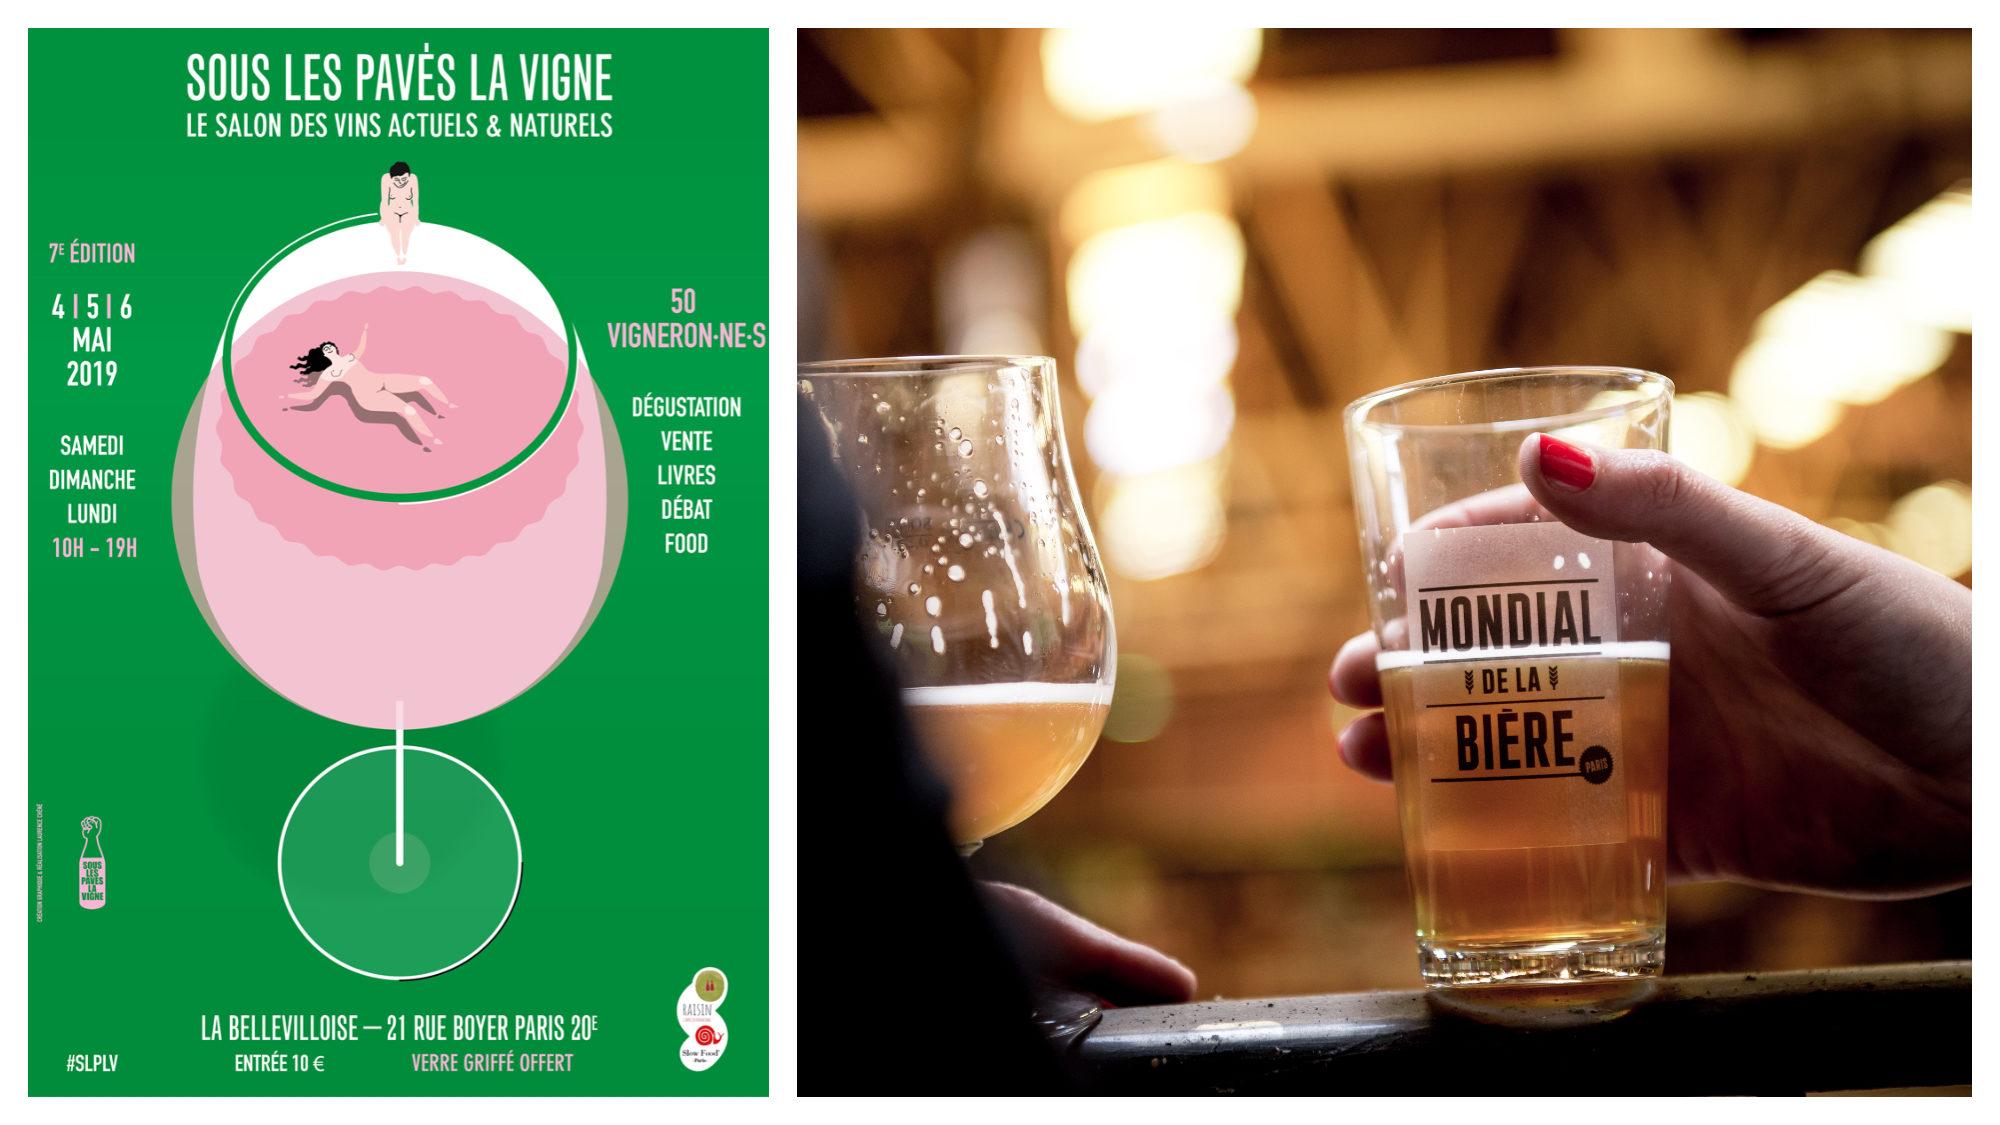 In Paris in May, natural wine tasting event, Sous les Pavés la Vigne takes place at La Bellevilloise (left). A hand holding a 'Mondial de la Bière' beer glass at the Paris Beer Festival this month (right).